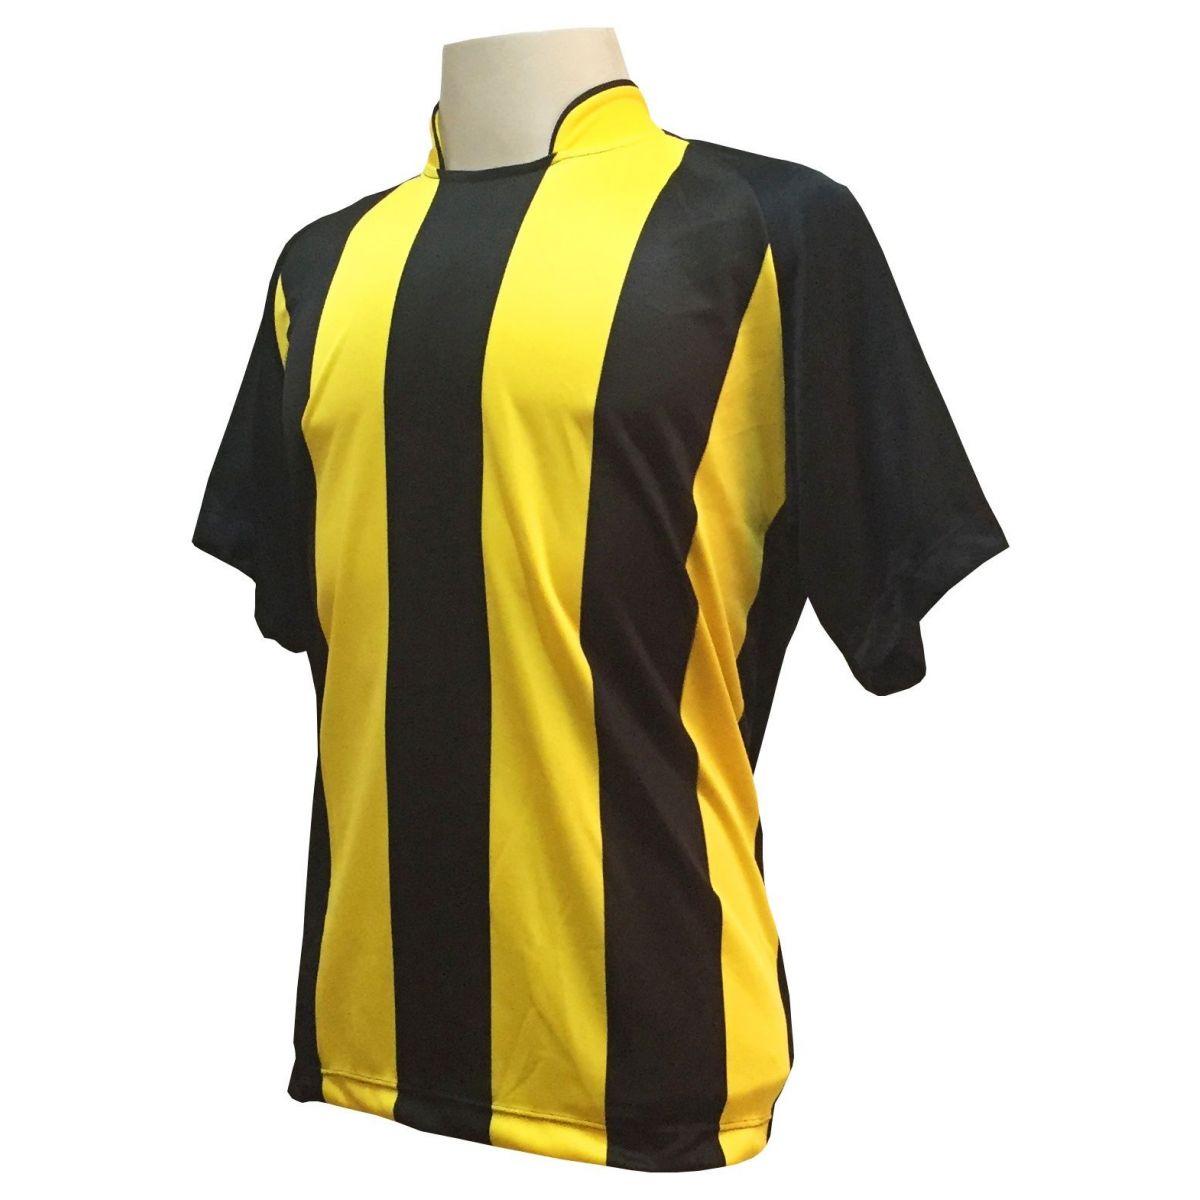 Uniforme Esportivo com 12 Camisas modelo Milan Preto/Amarelo + 12 Calções modelo Madrid Preto + 12 Pares de meiões Amarelo   - ESTAÇÃO DO ESPORTE